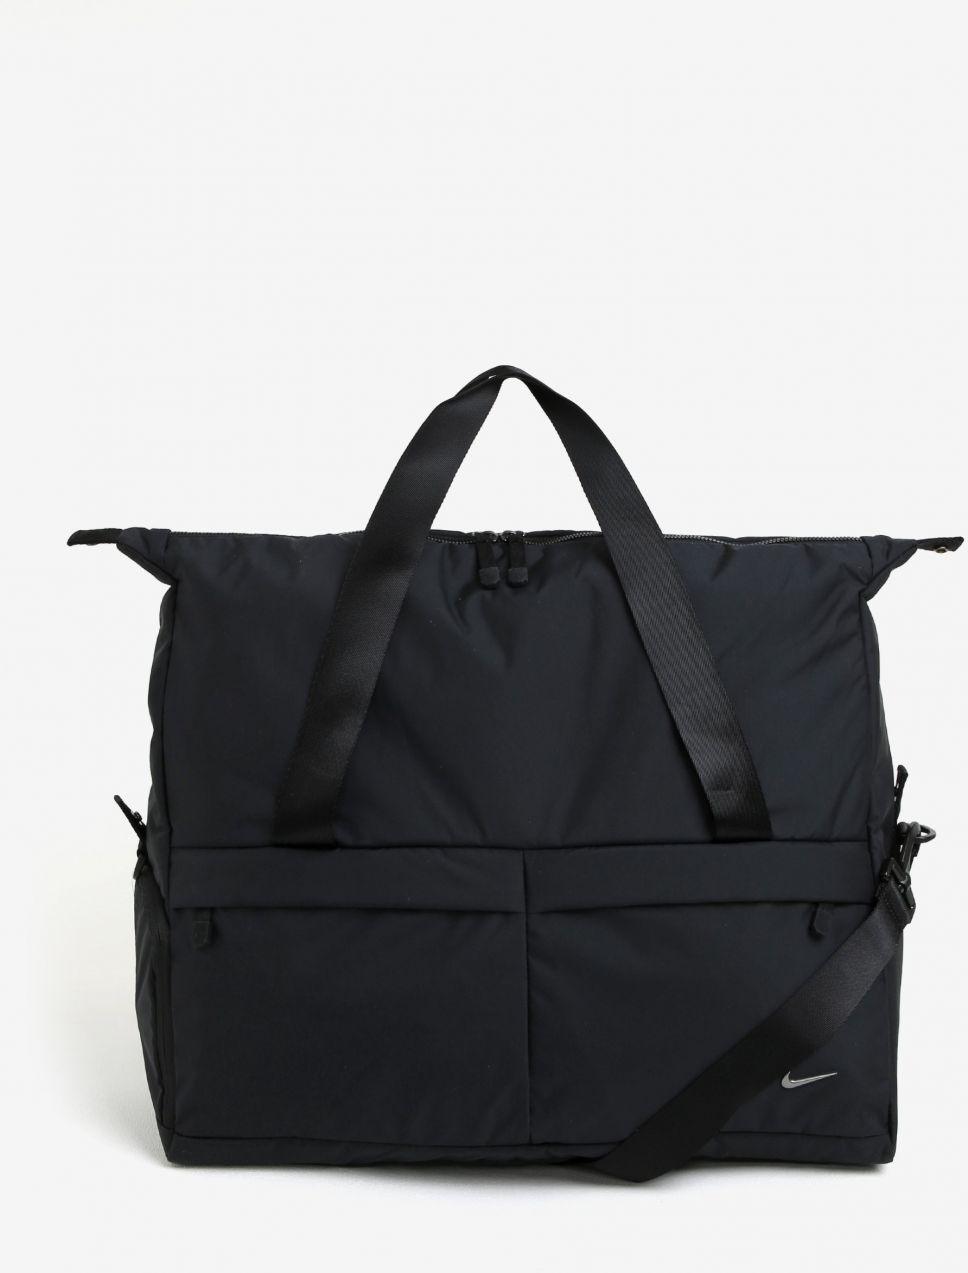 fb2685c0ad Čierna dámska športová taška 31 l Nike Legend značky Nike - Lovely.sk